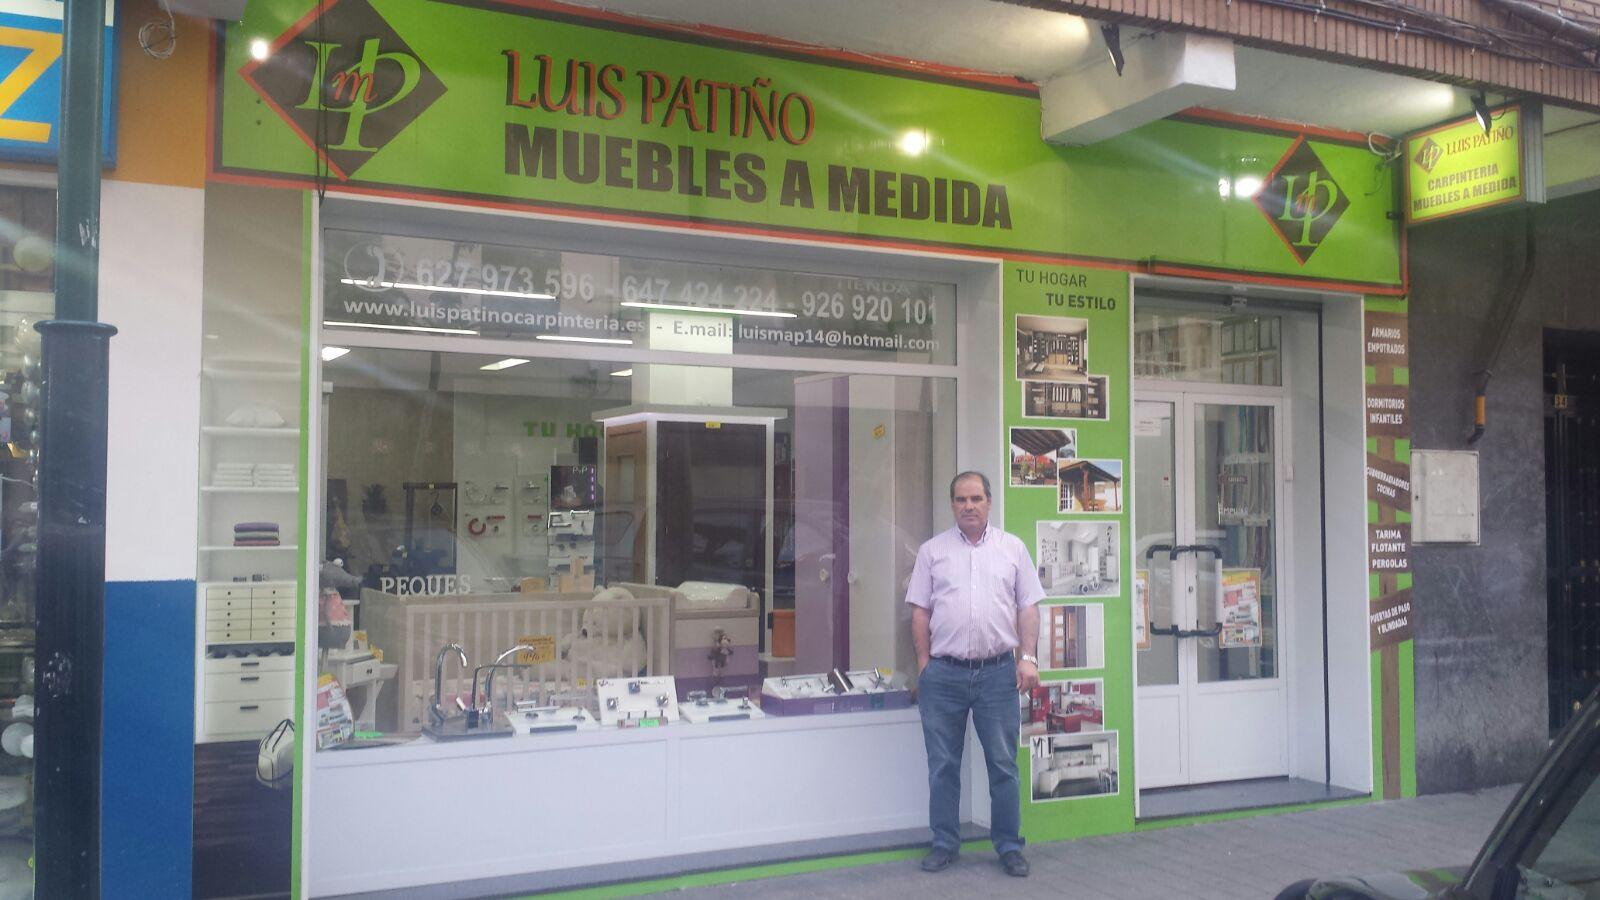 Luis pati o muebles a medida abre sus puertas en ciudad real revista ayer y hoy - Muebles valdepenas ...